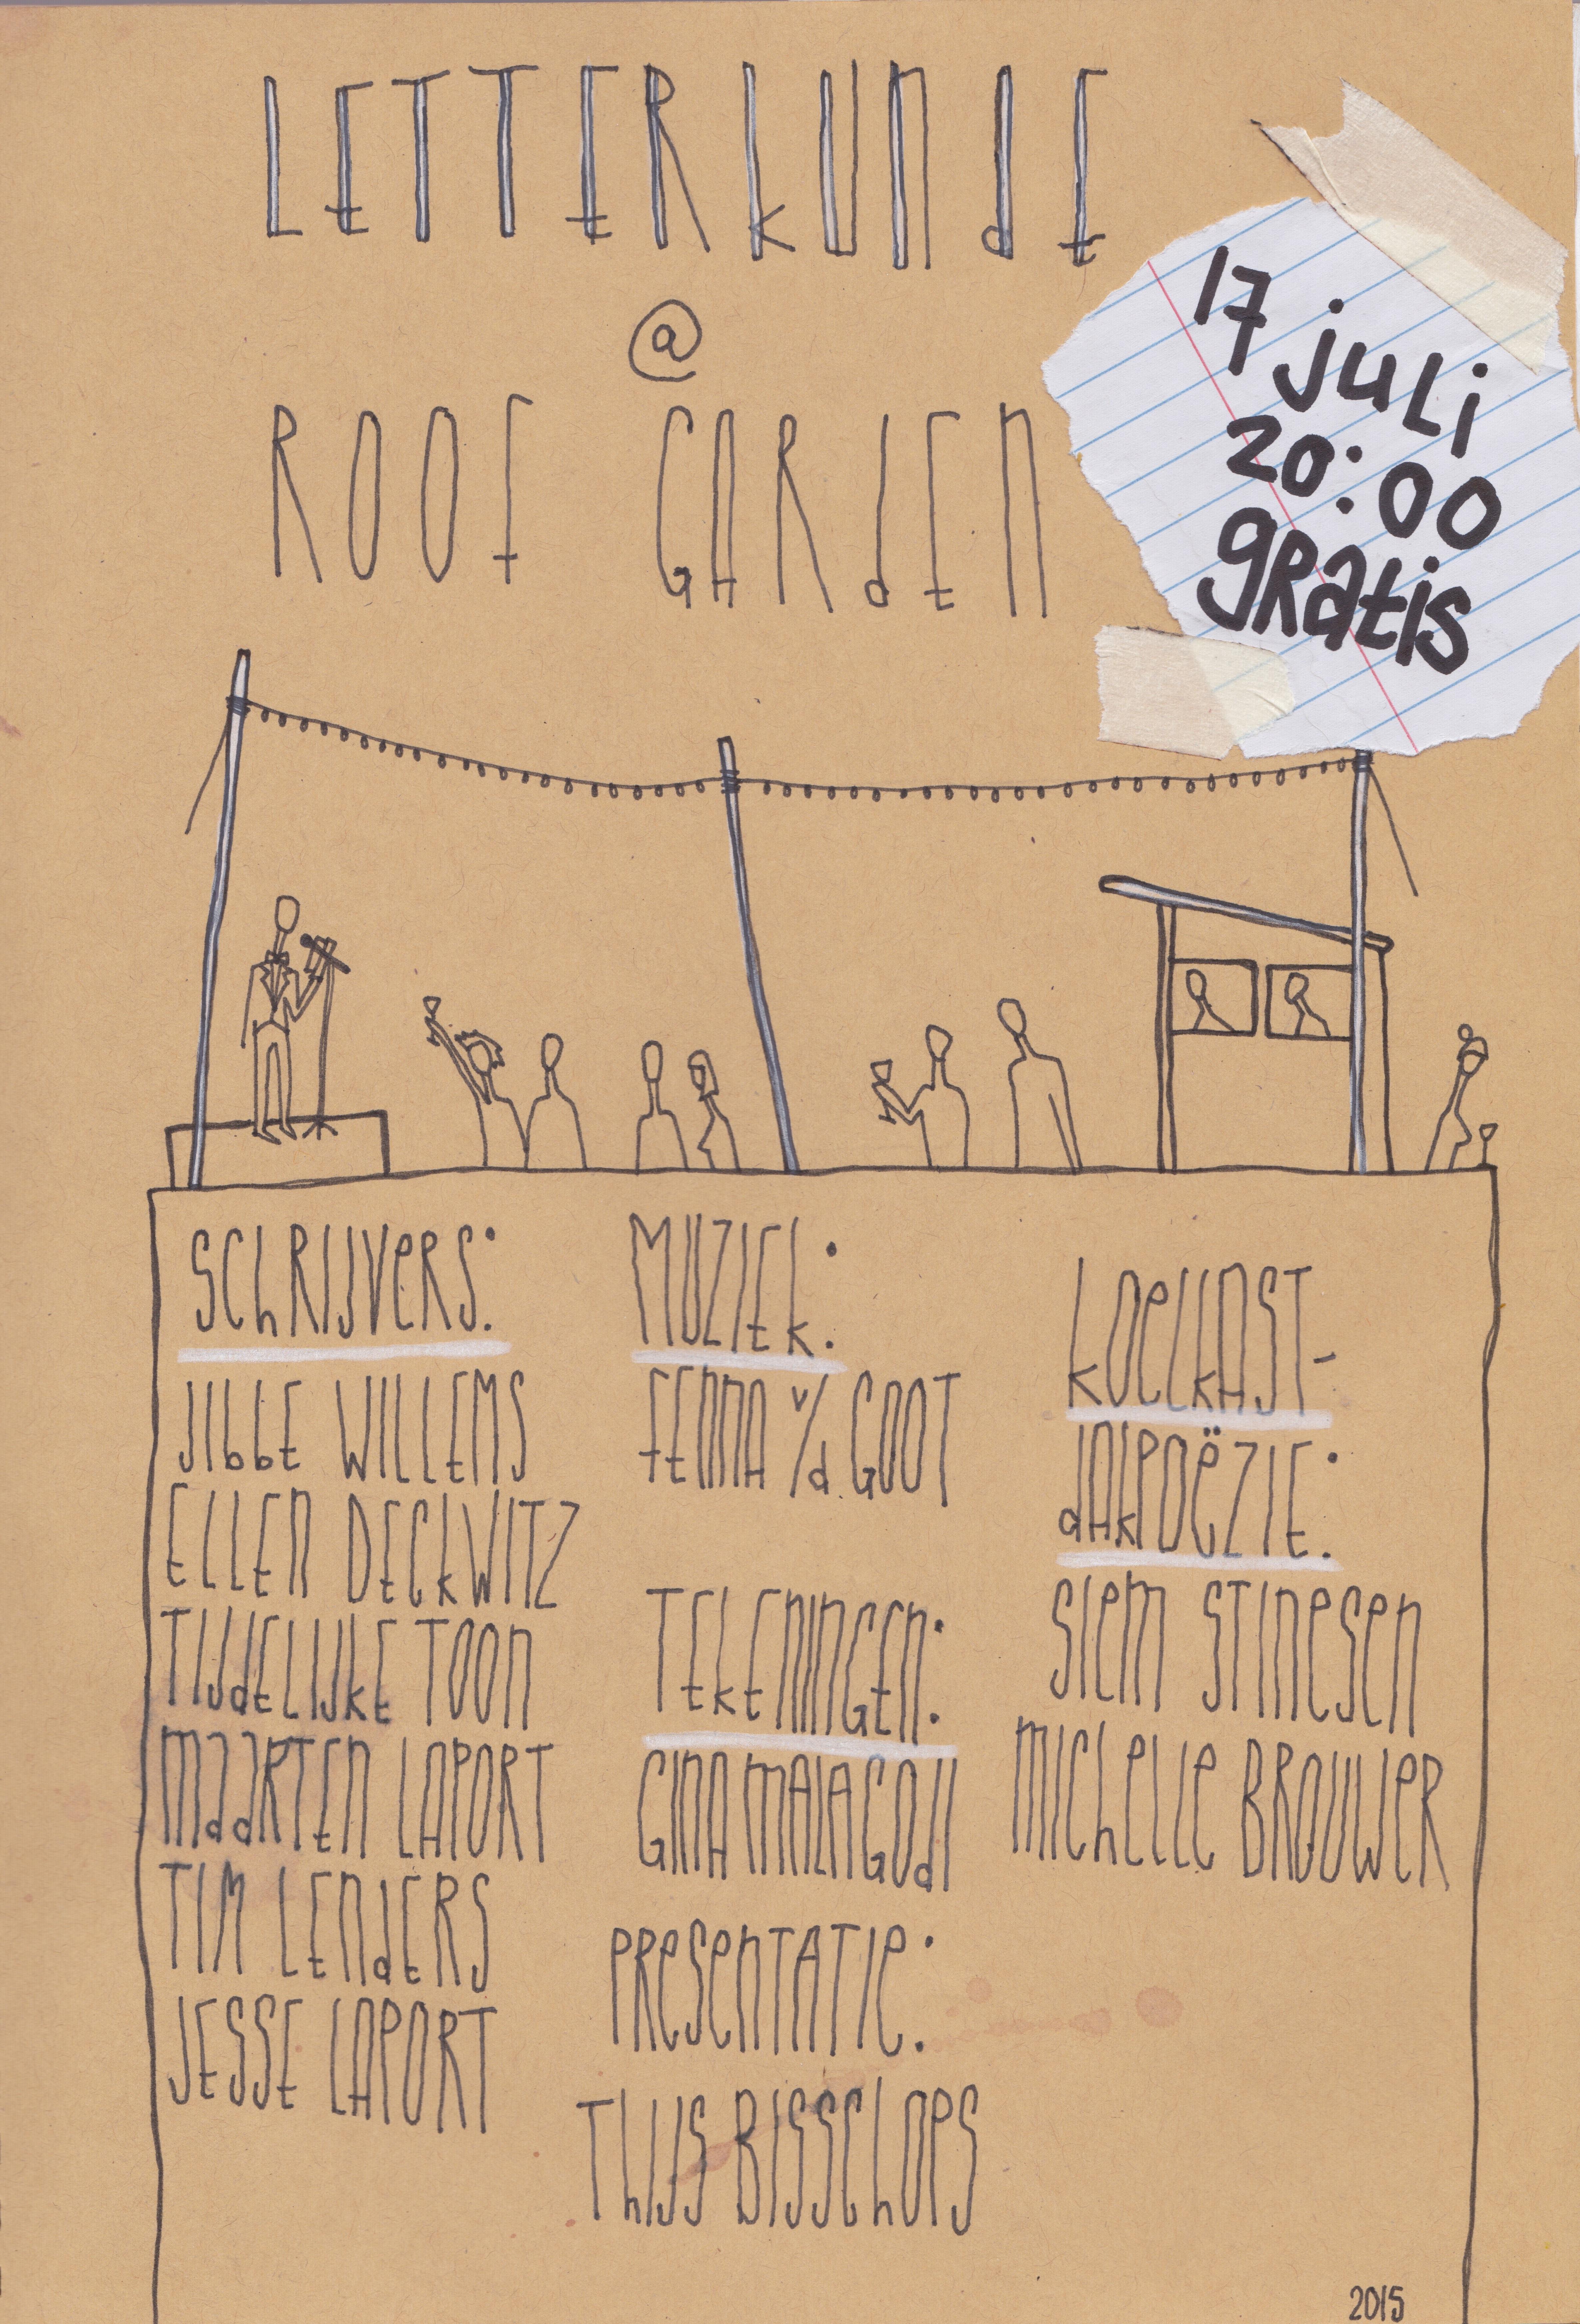 Poster verticaal Letterkunde 17 juli Roof Garden